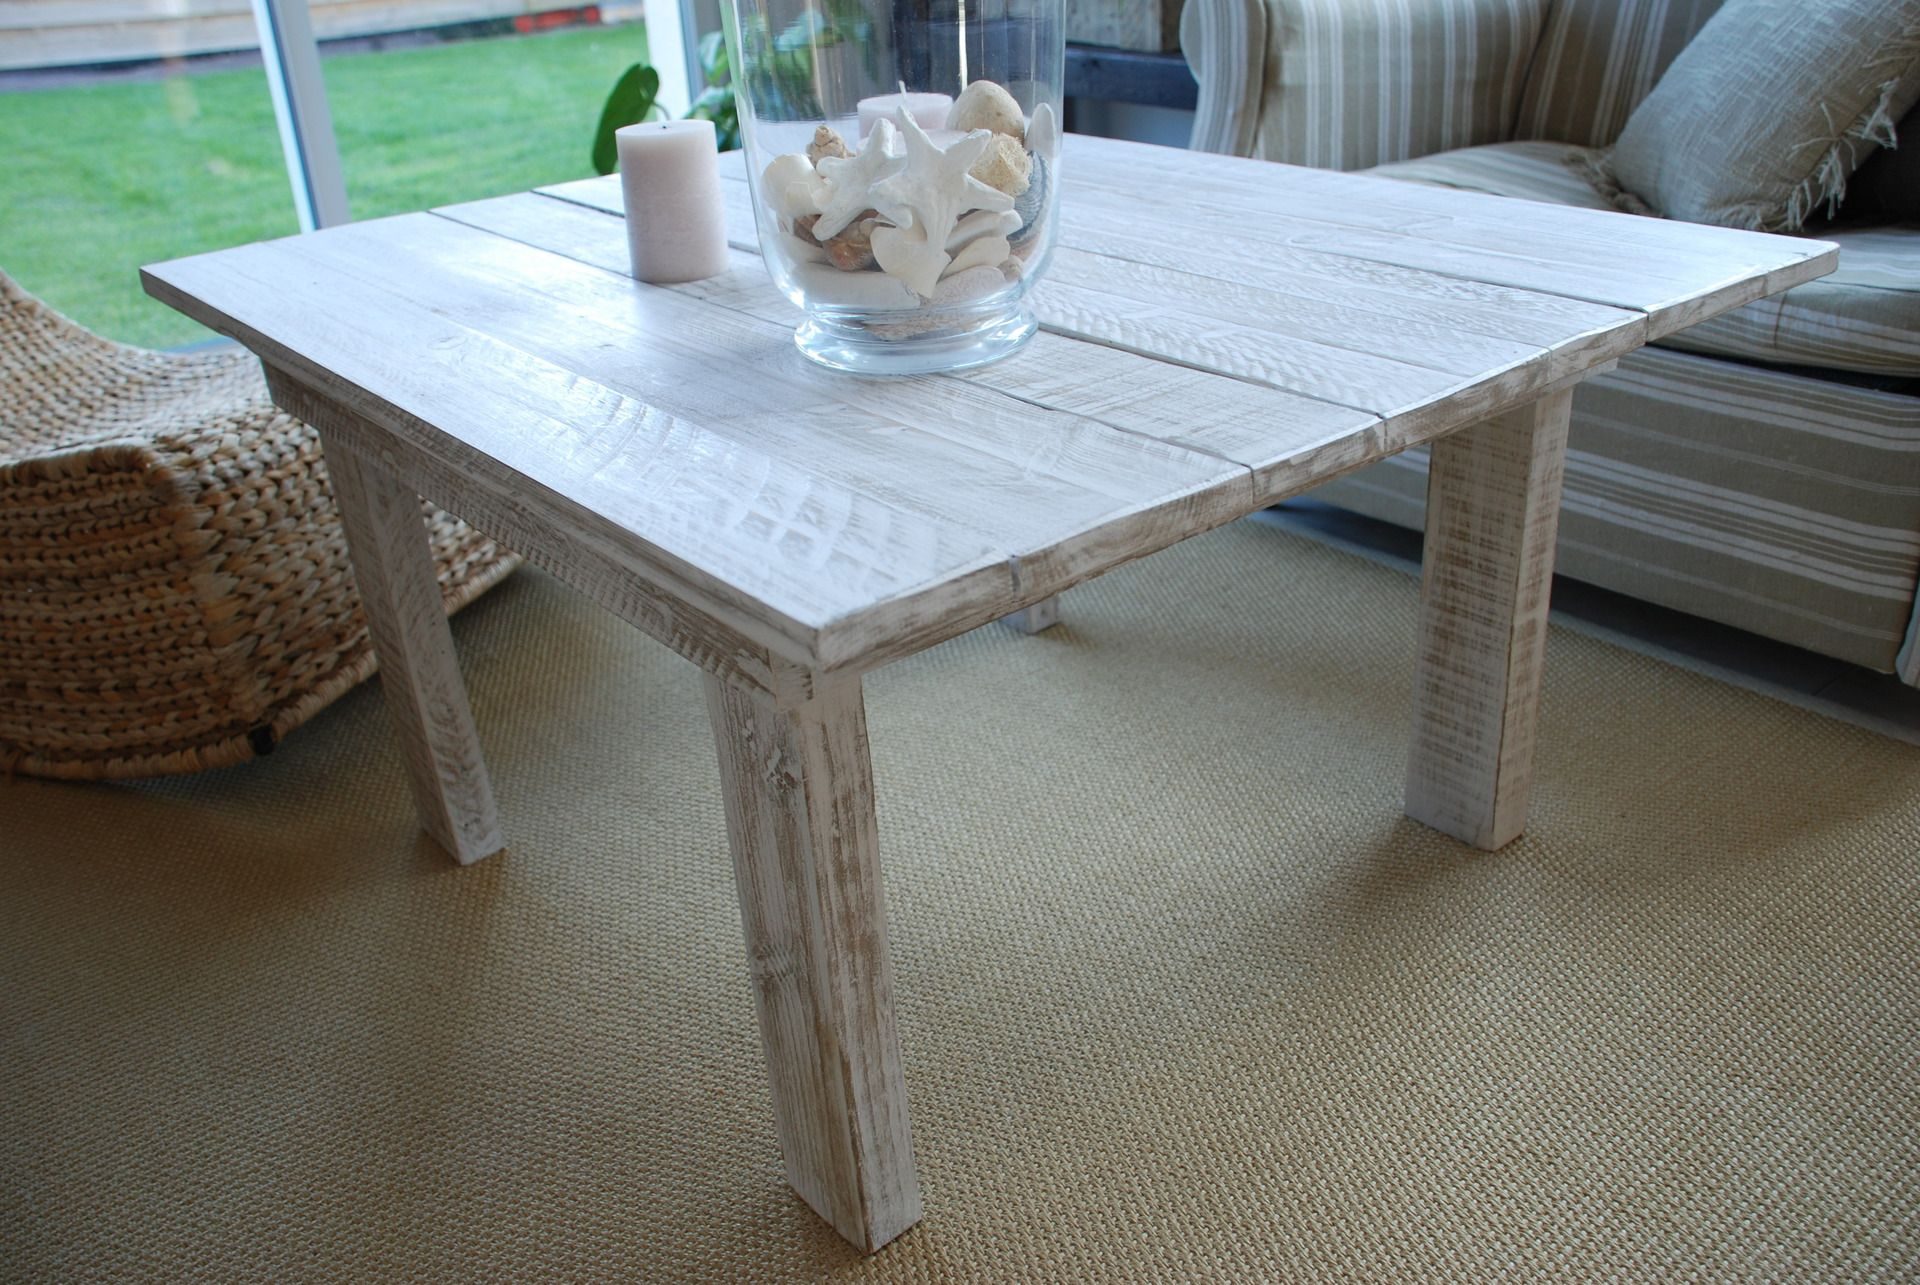 Table basse style bord de mer meubles et rangements par atelier quatrecoeurs meubles anciens for Meuble style bord de mer